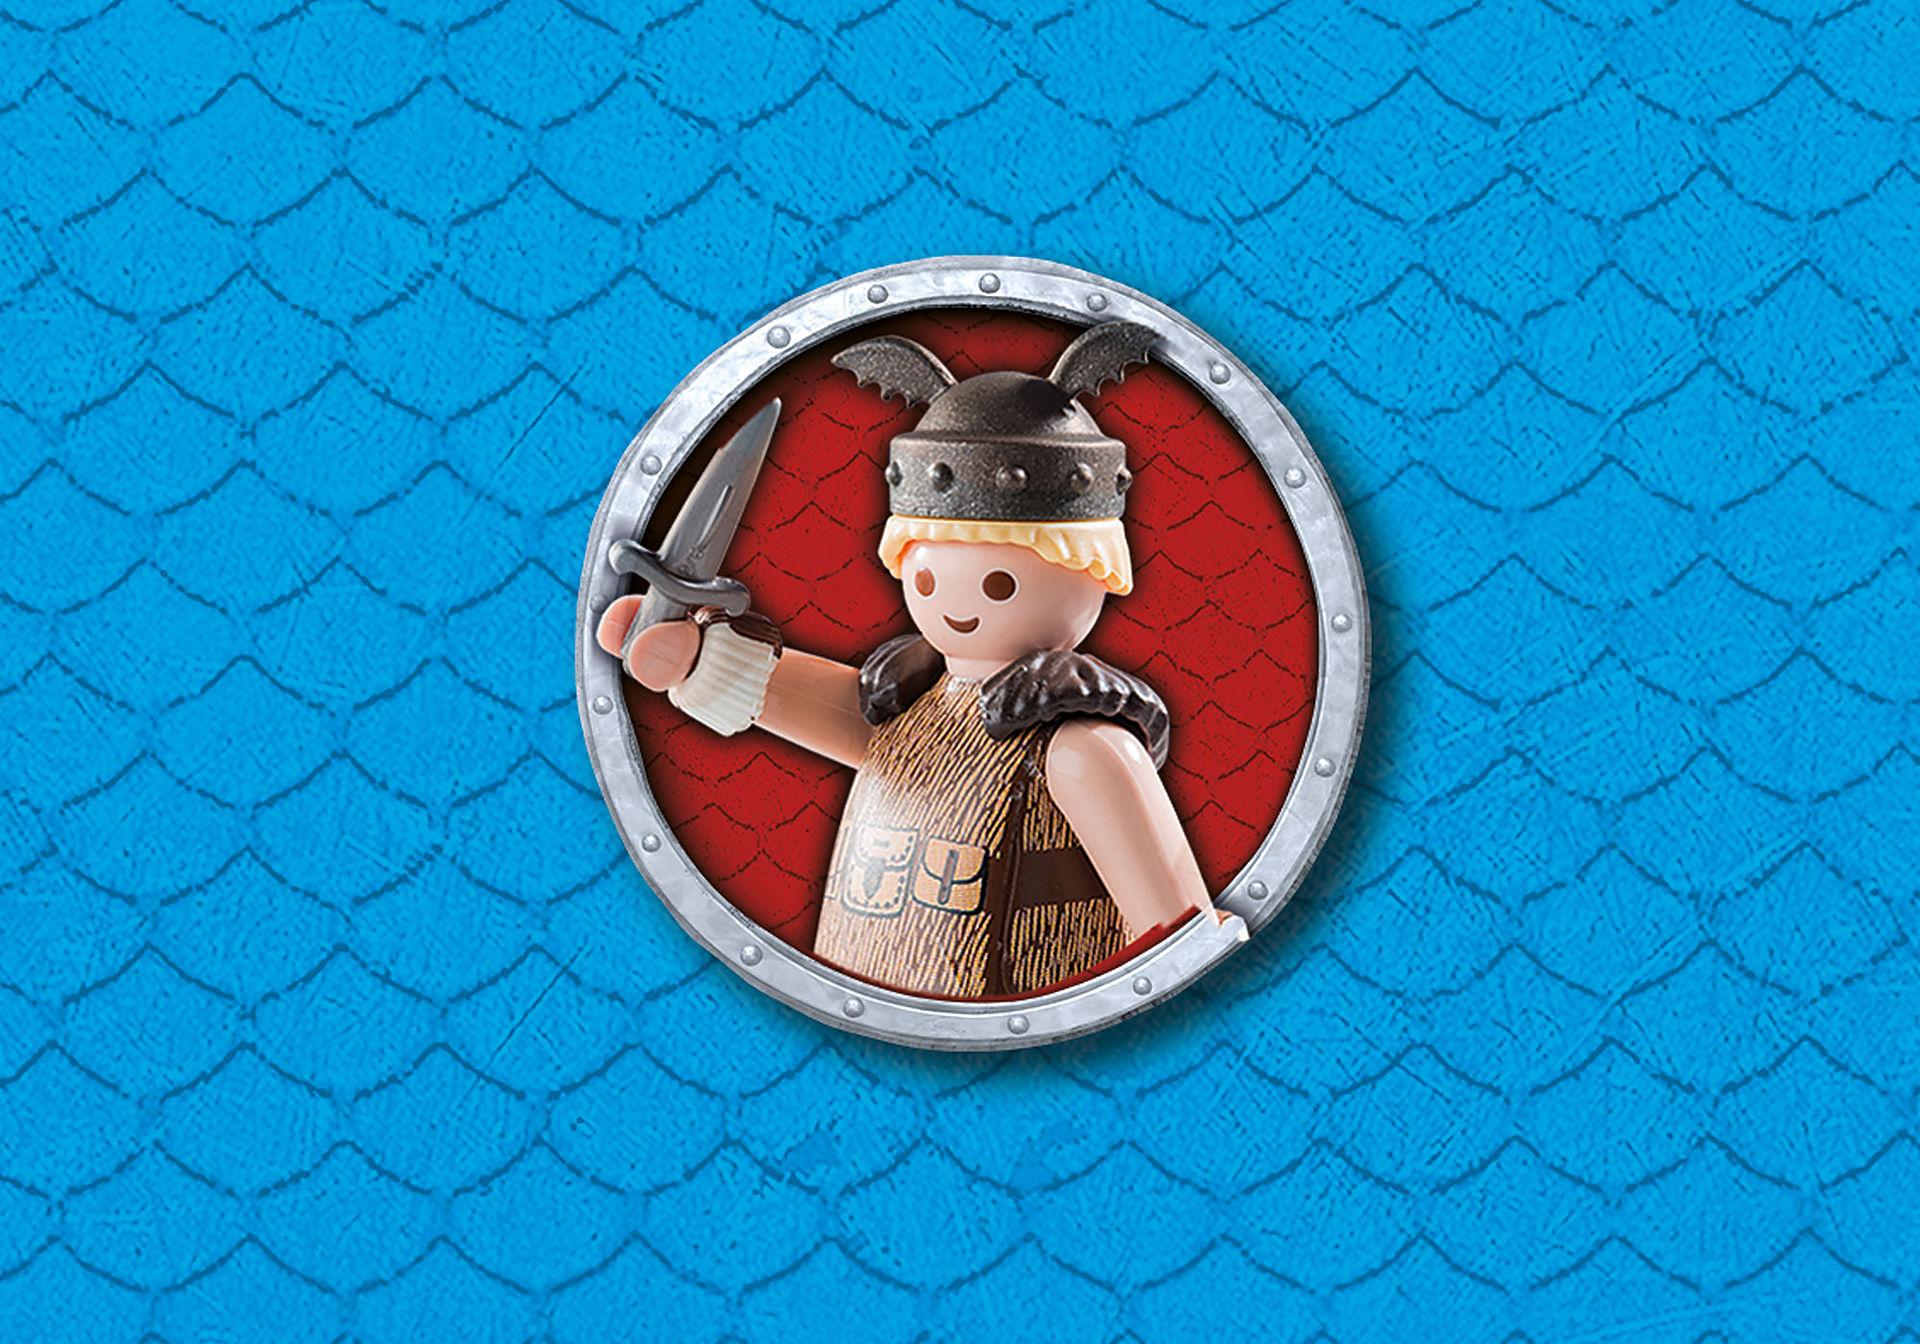 http://media.playmobil.com/i/playmobil/9460_product_extra3/Molenga e Perna de Peixe